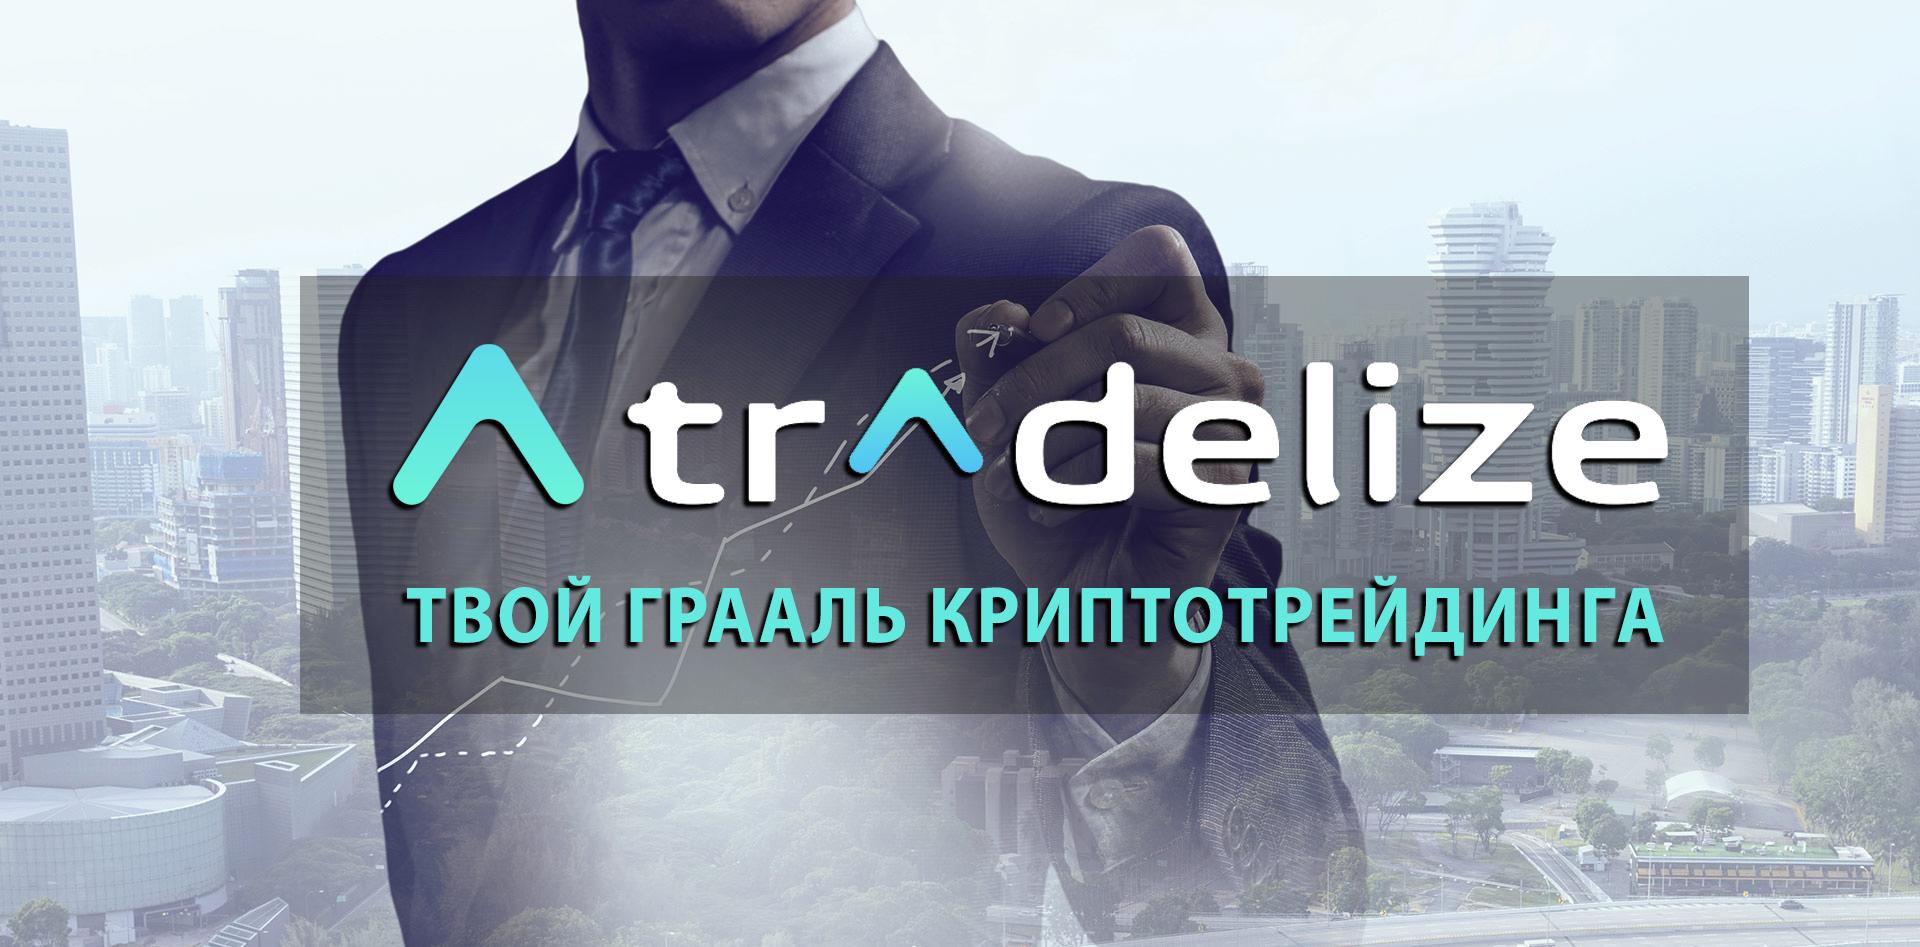 tradelize-.jpg